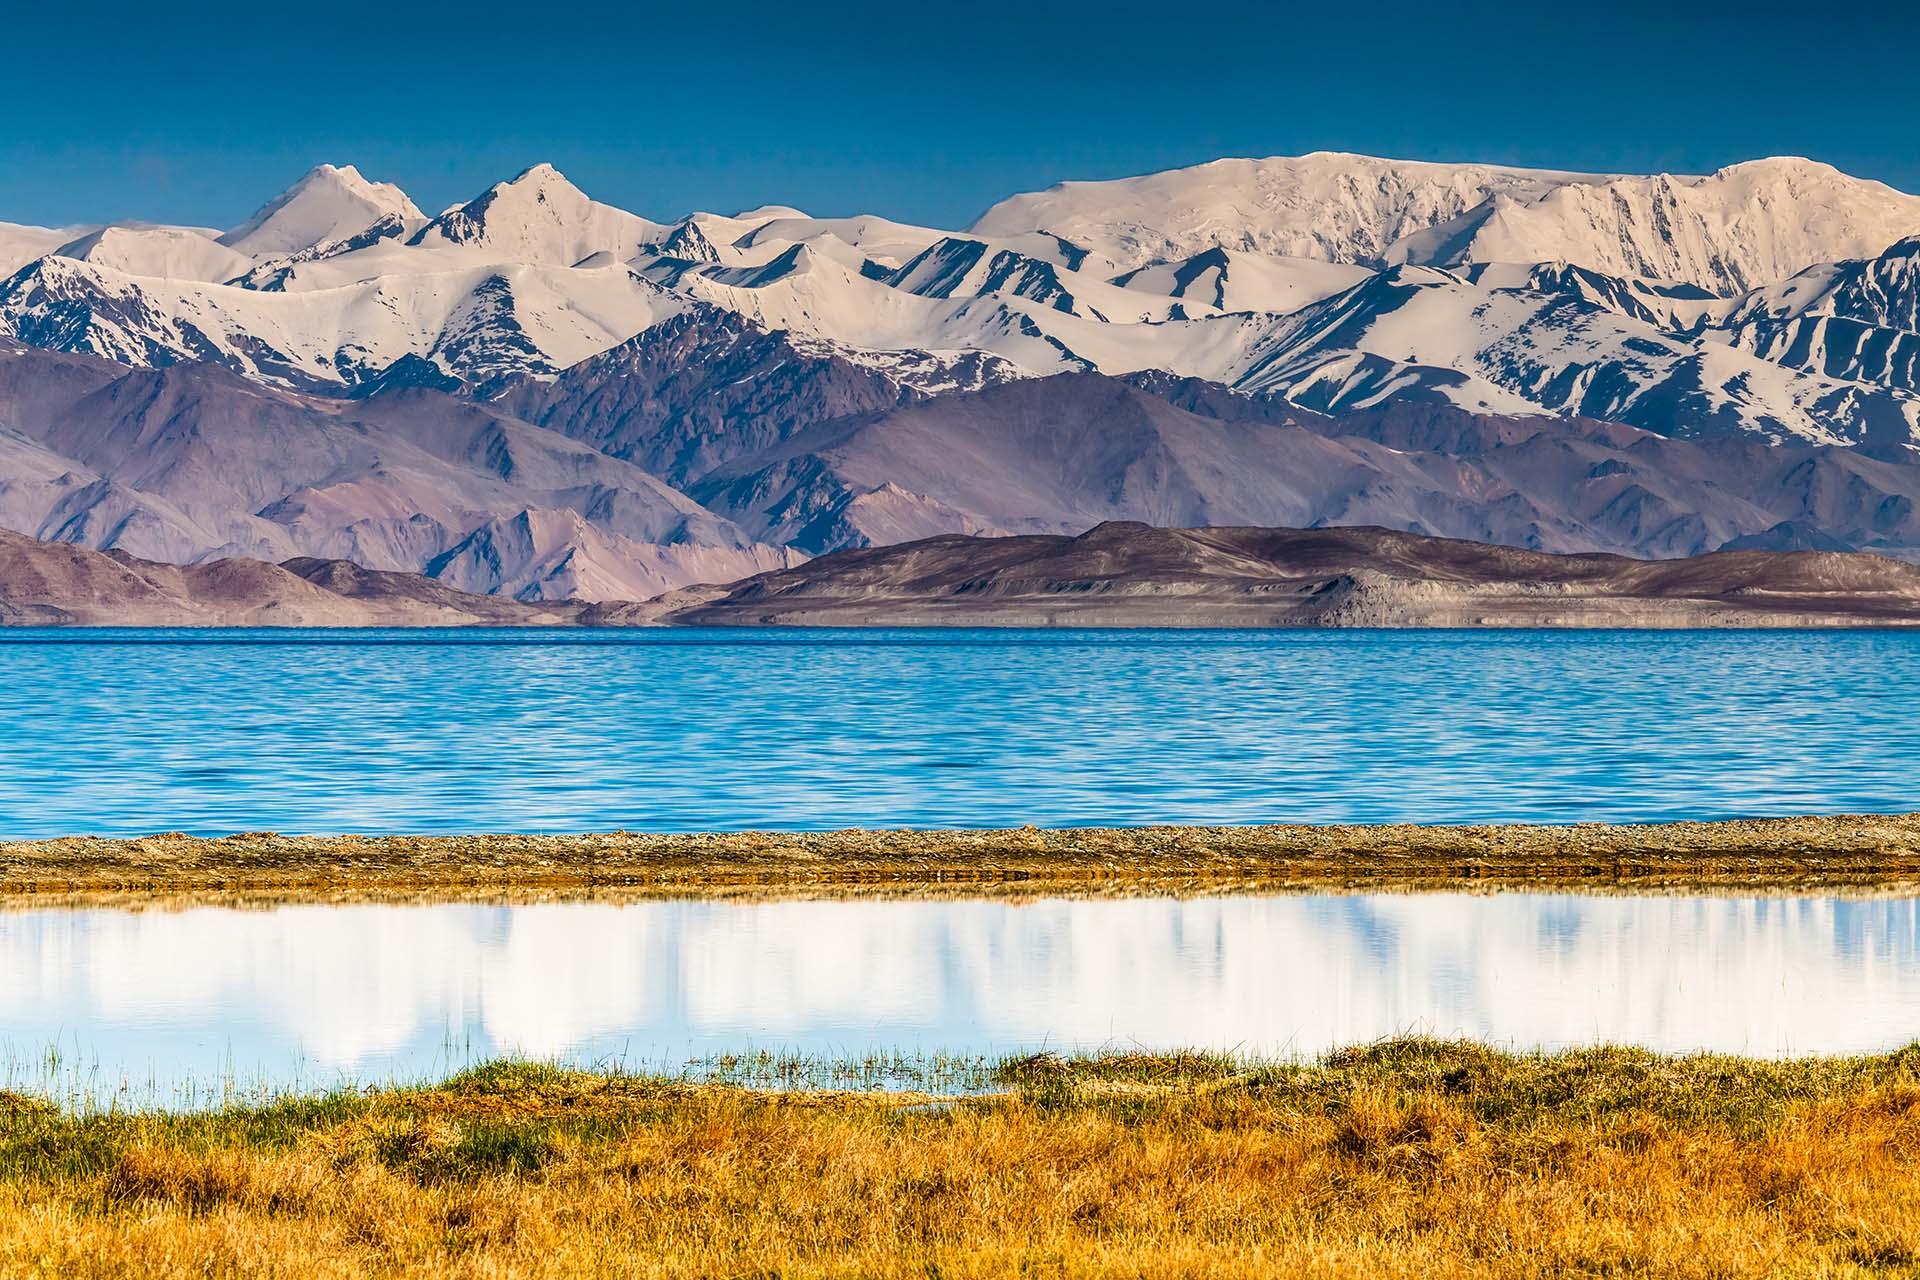 Aislado durante siglos y apenas visitado por turistas, Tayikistán conserva uno de los paisajes más montañosos y sorprendentes del mundo